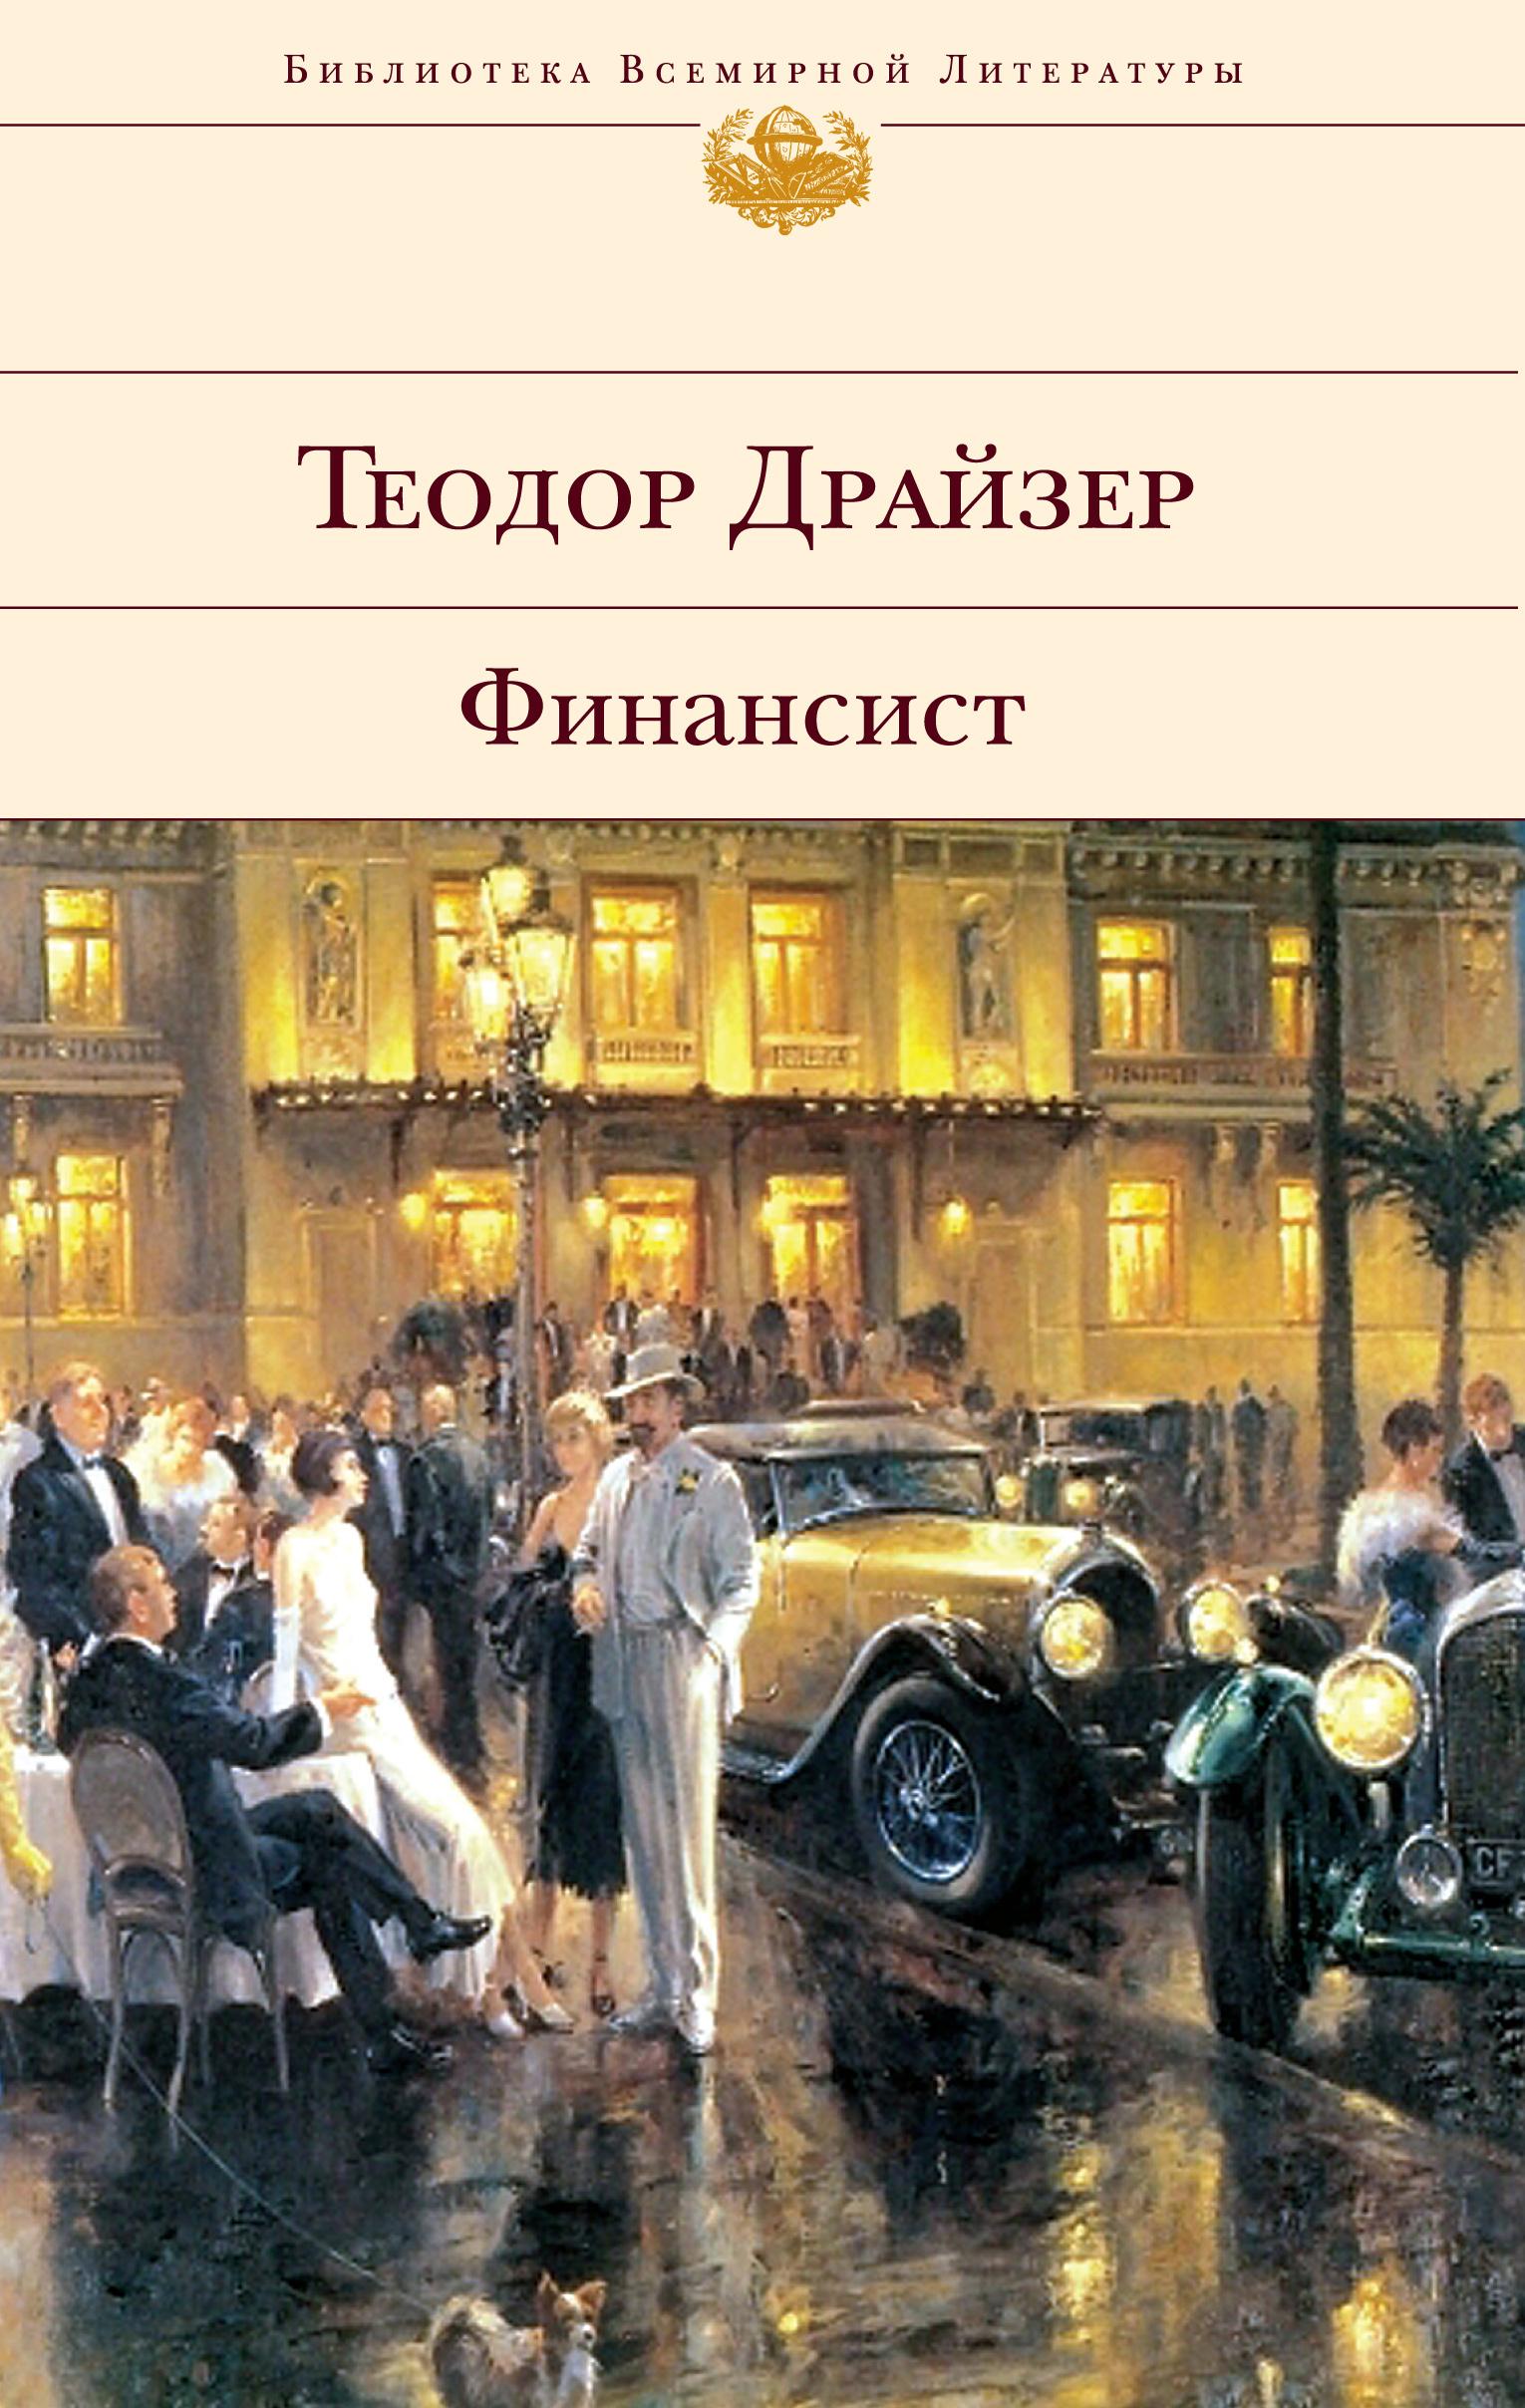 Финансист - Теодор Драйзер - цитаты, рейтинг, отзывы, где купить